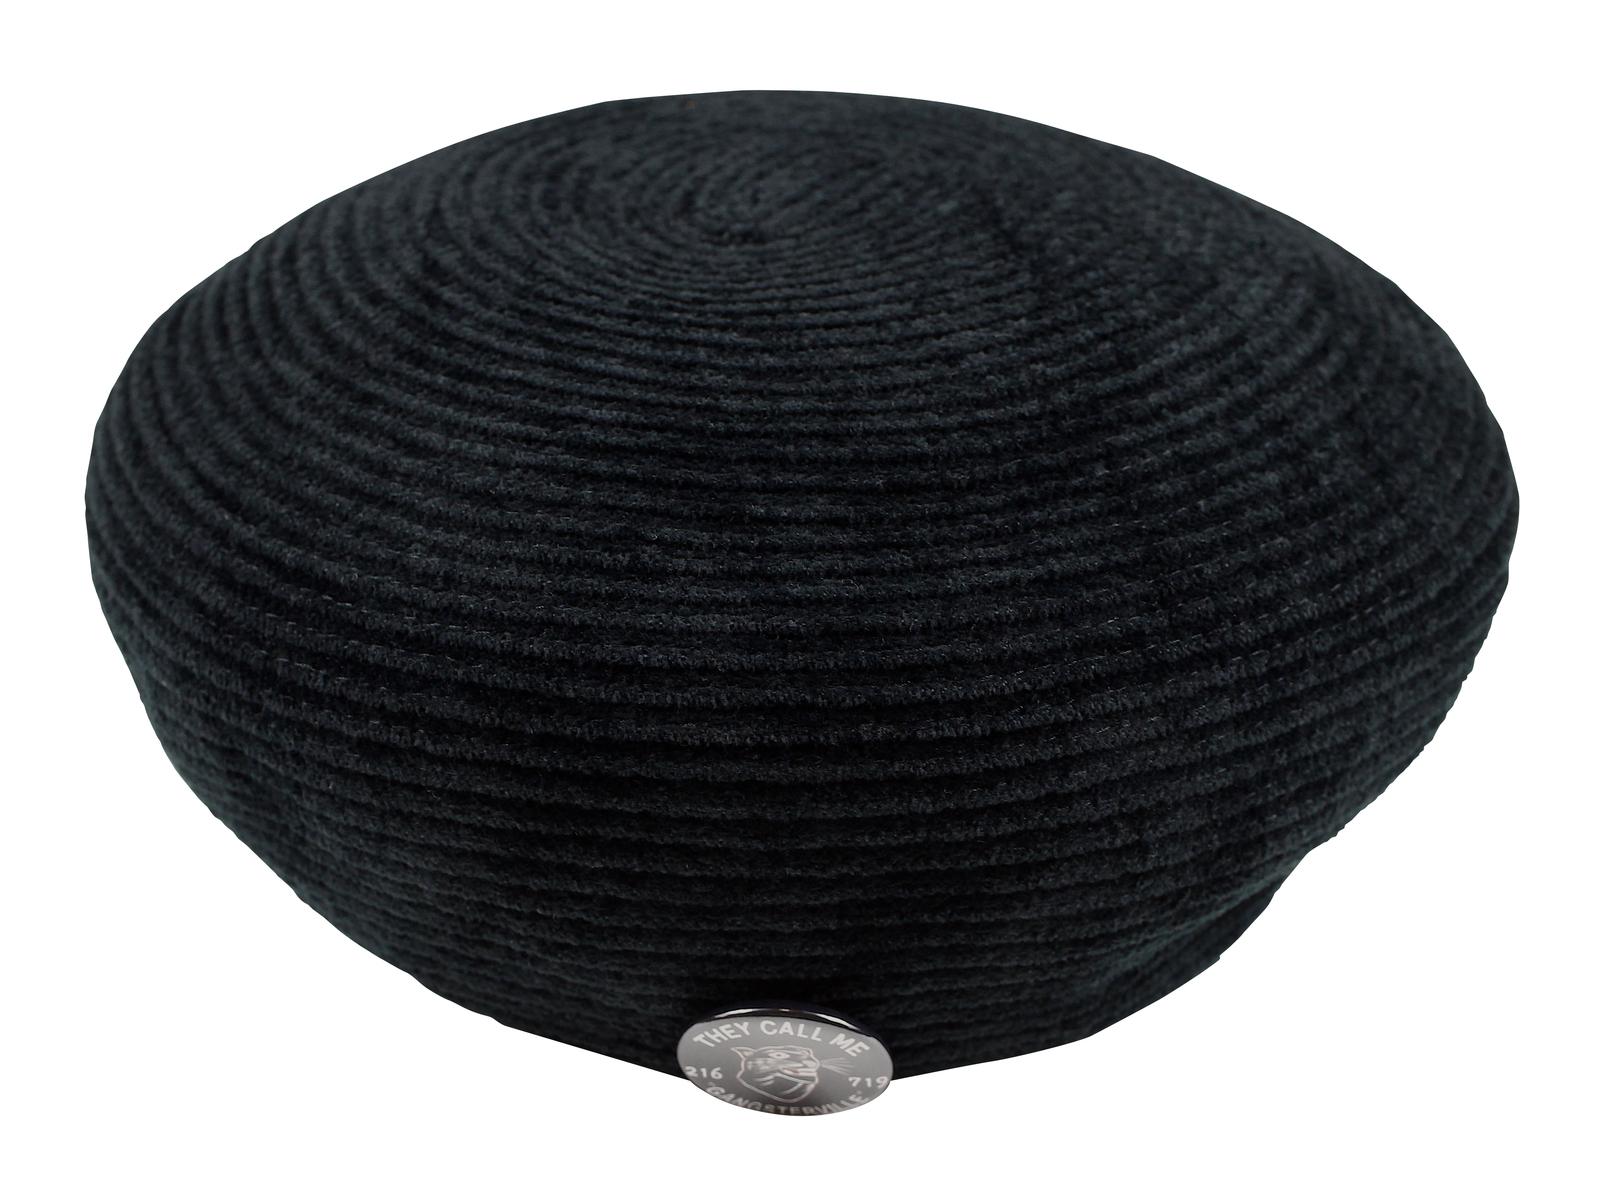 GANGSTERVILLE [-BLACKSVILLE - BERET- BLACK size.M,L]